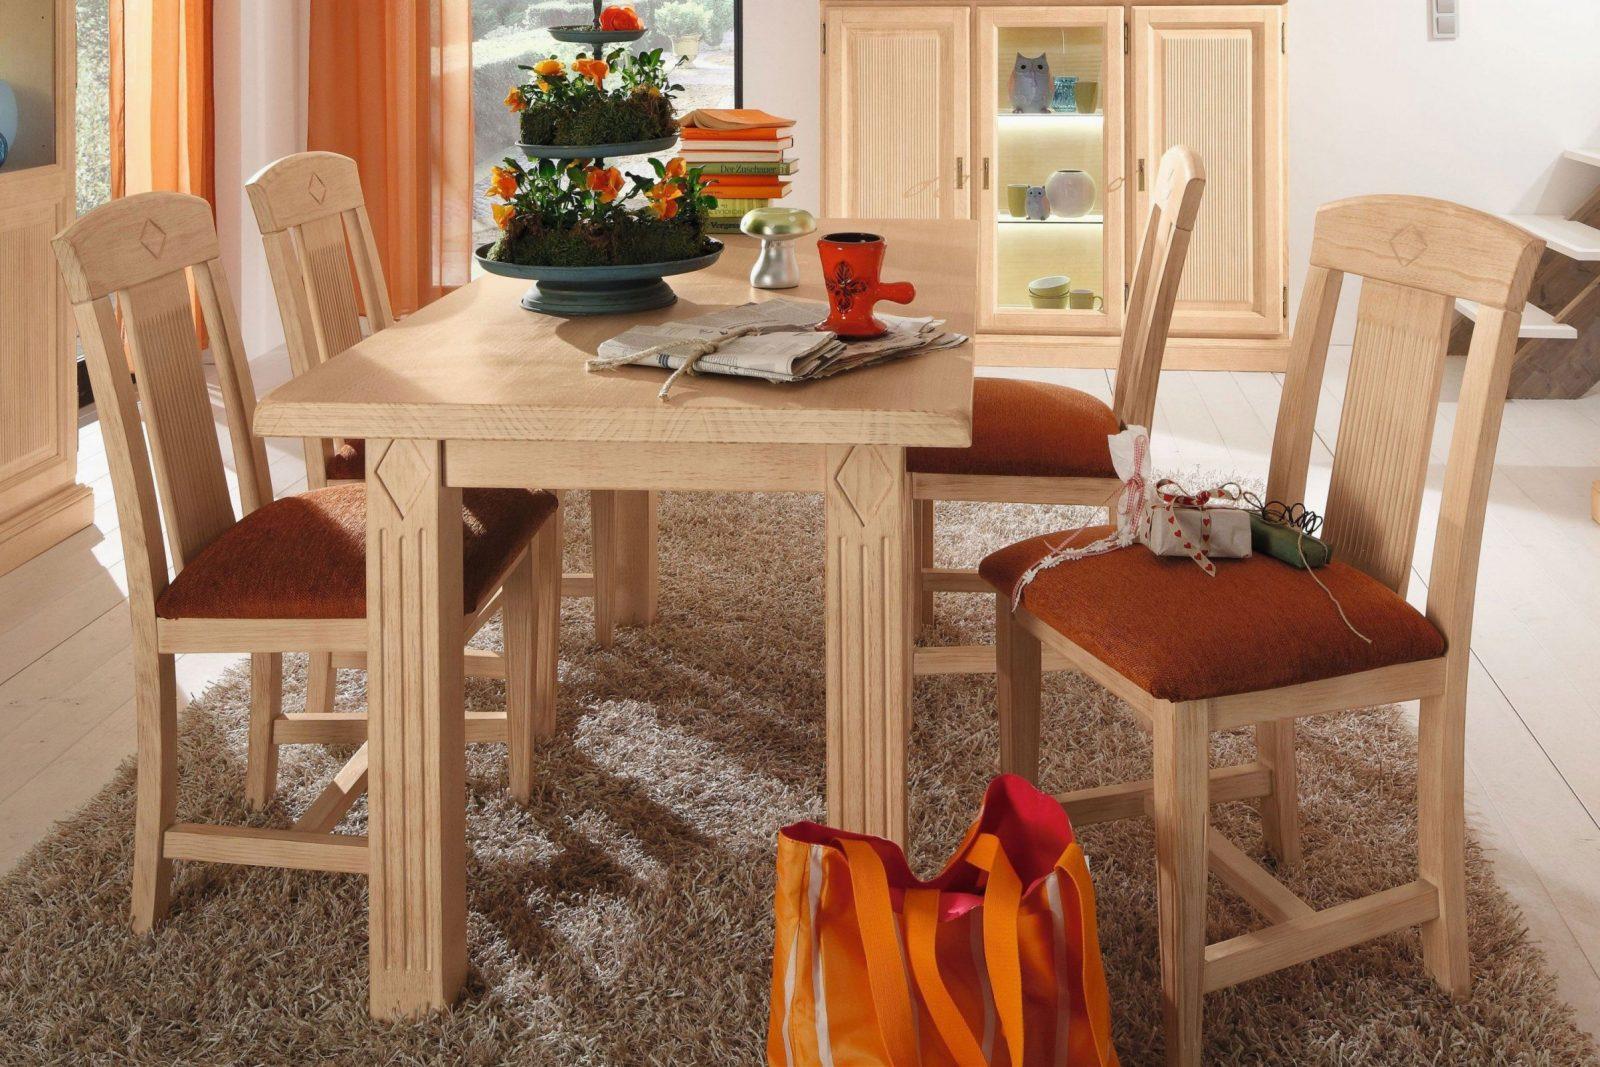 Mobel Pinie  23 Komfort Möbel Pinie Gekälkt Und Gebürstet On von Pinienmöbel Gekälkt Und Gebürstet Bild